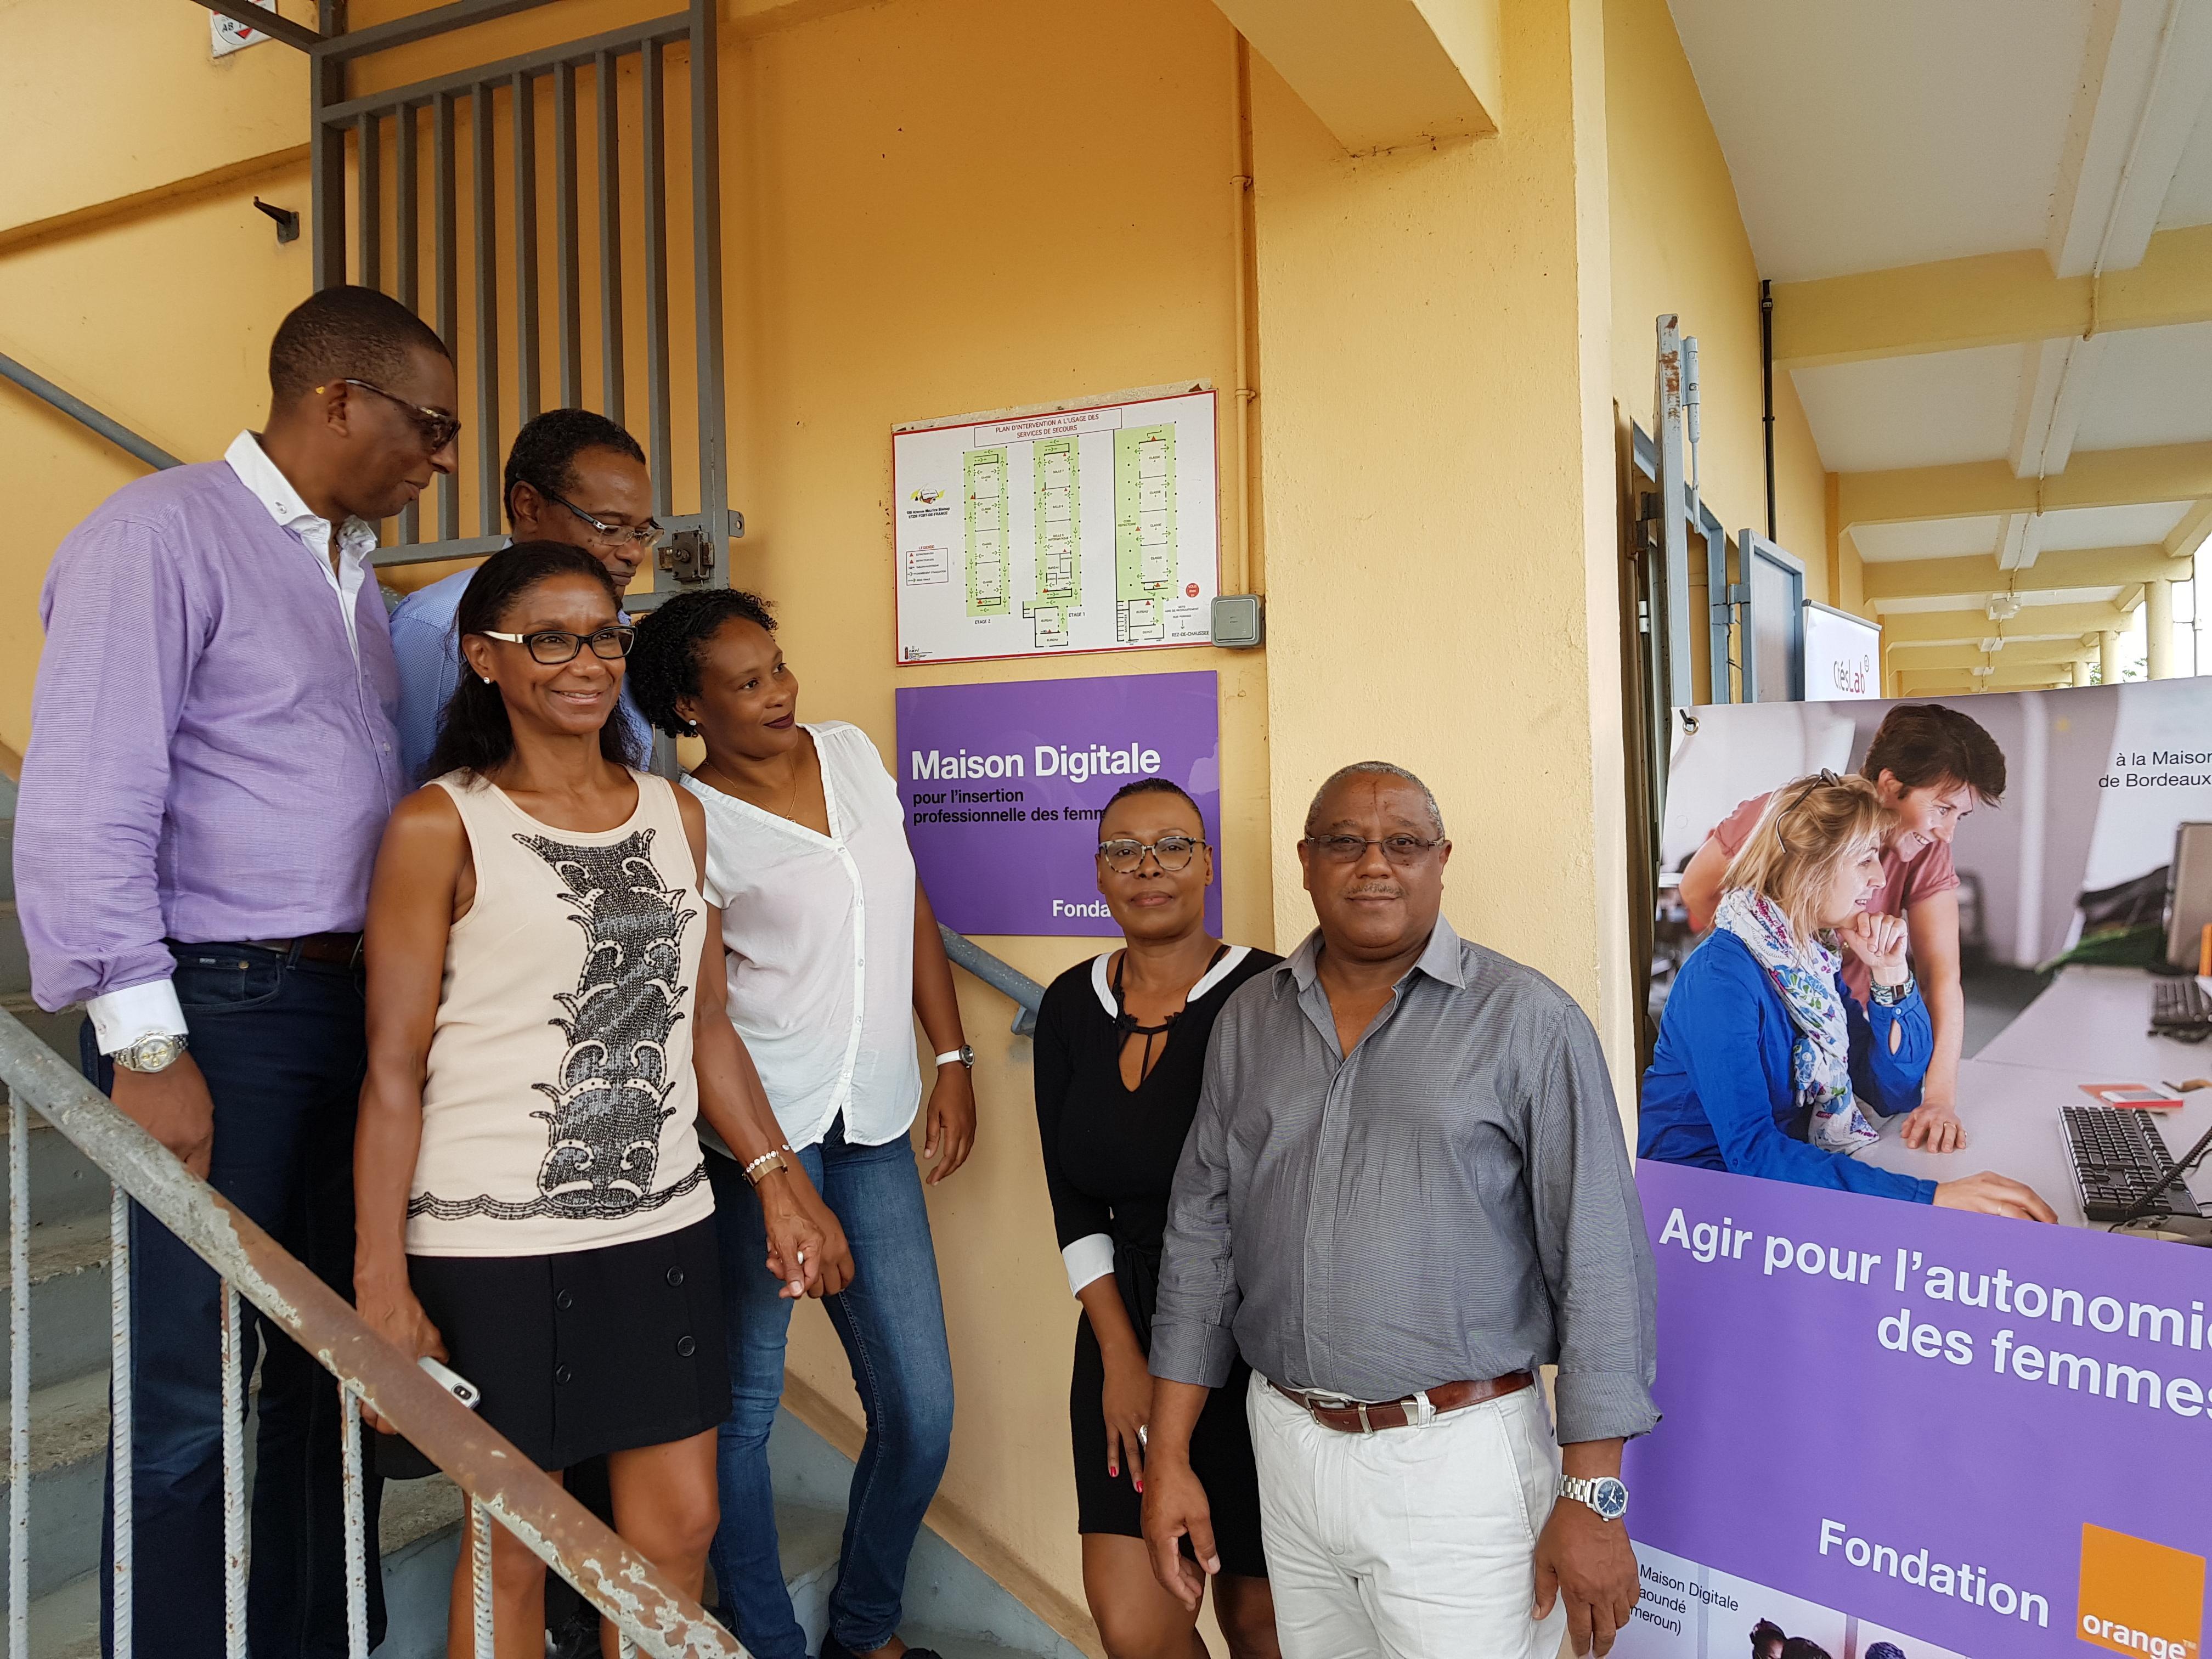 La fondation Orange, la ville de Fort de France  et l'association coup de pouce ont ouvert la première maison digitale de la Martinique.